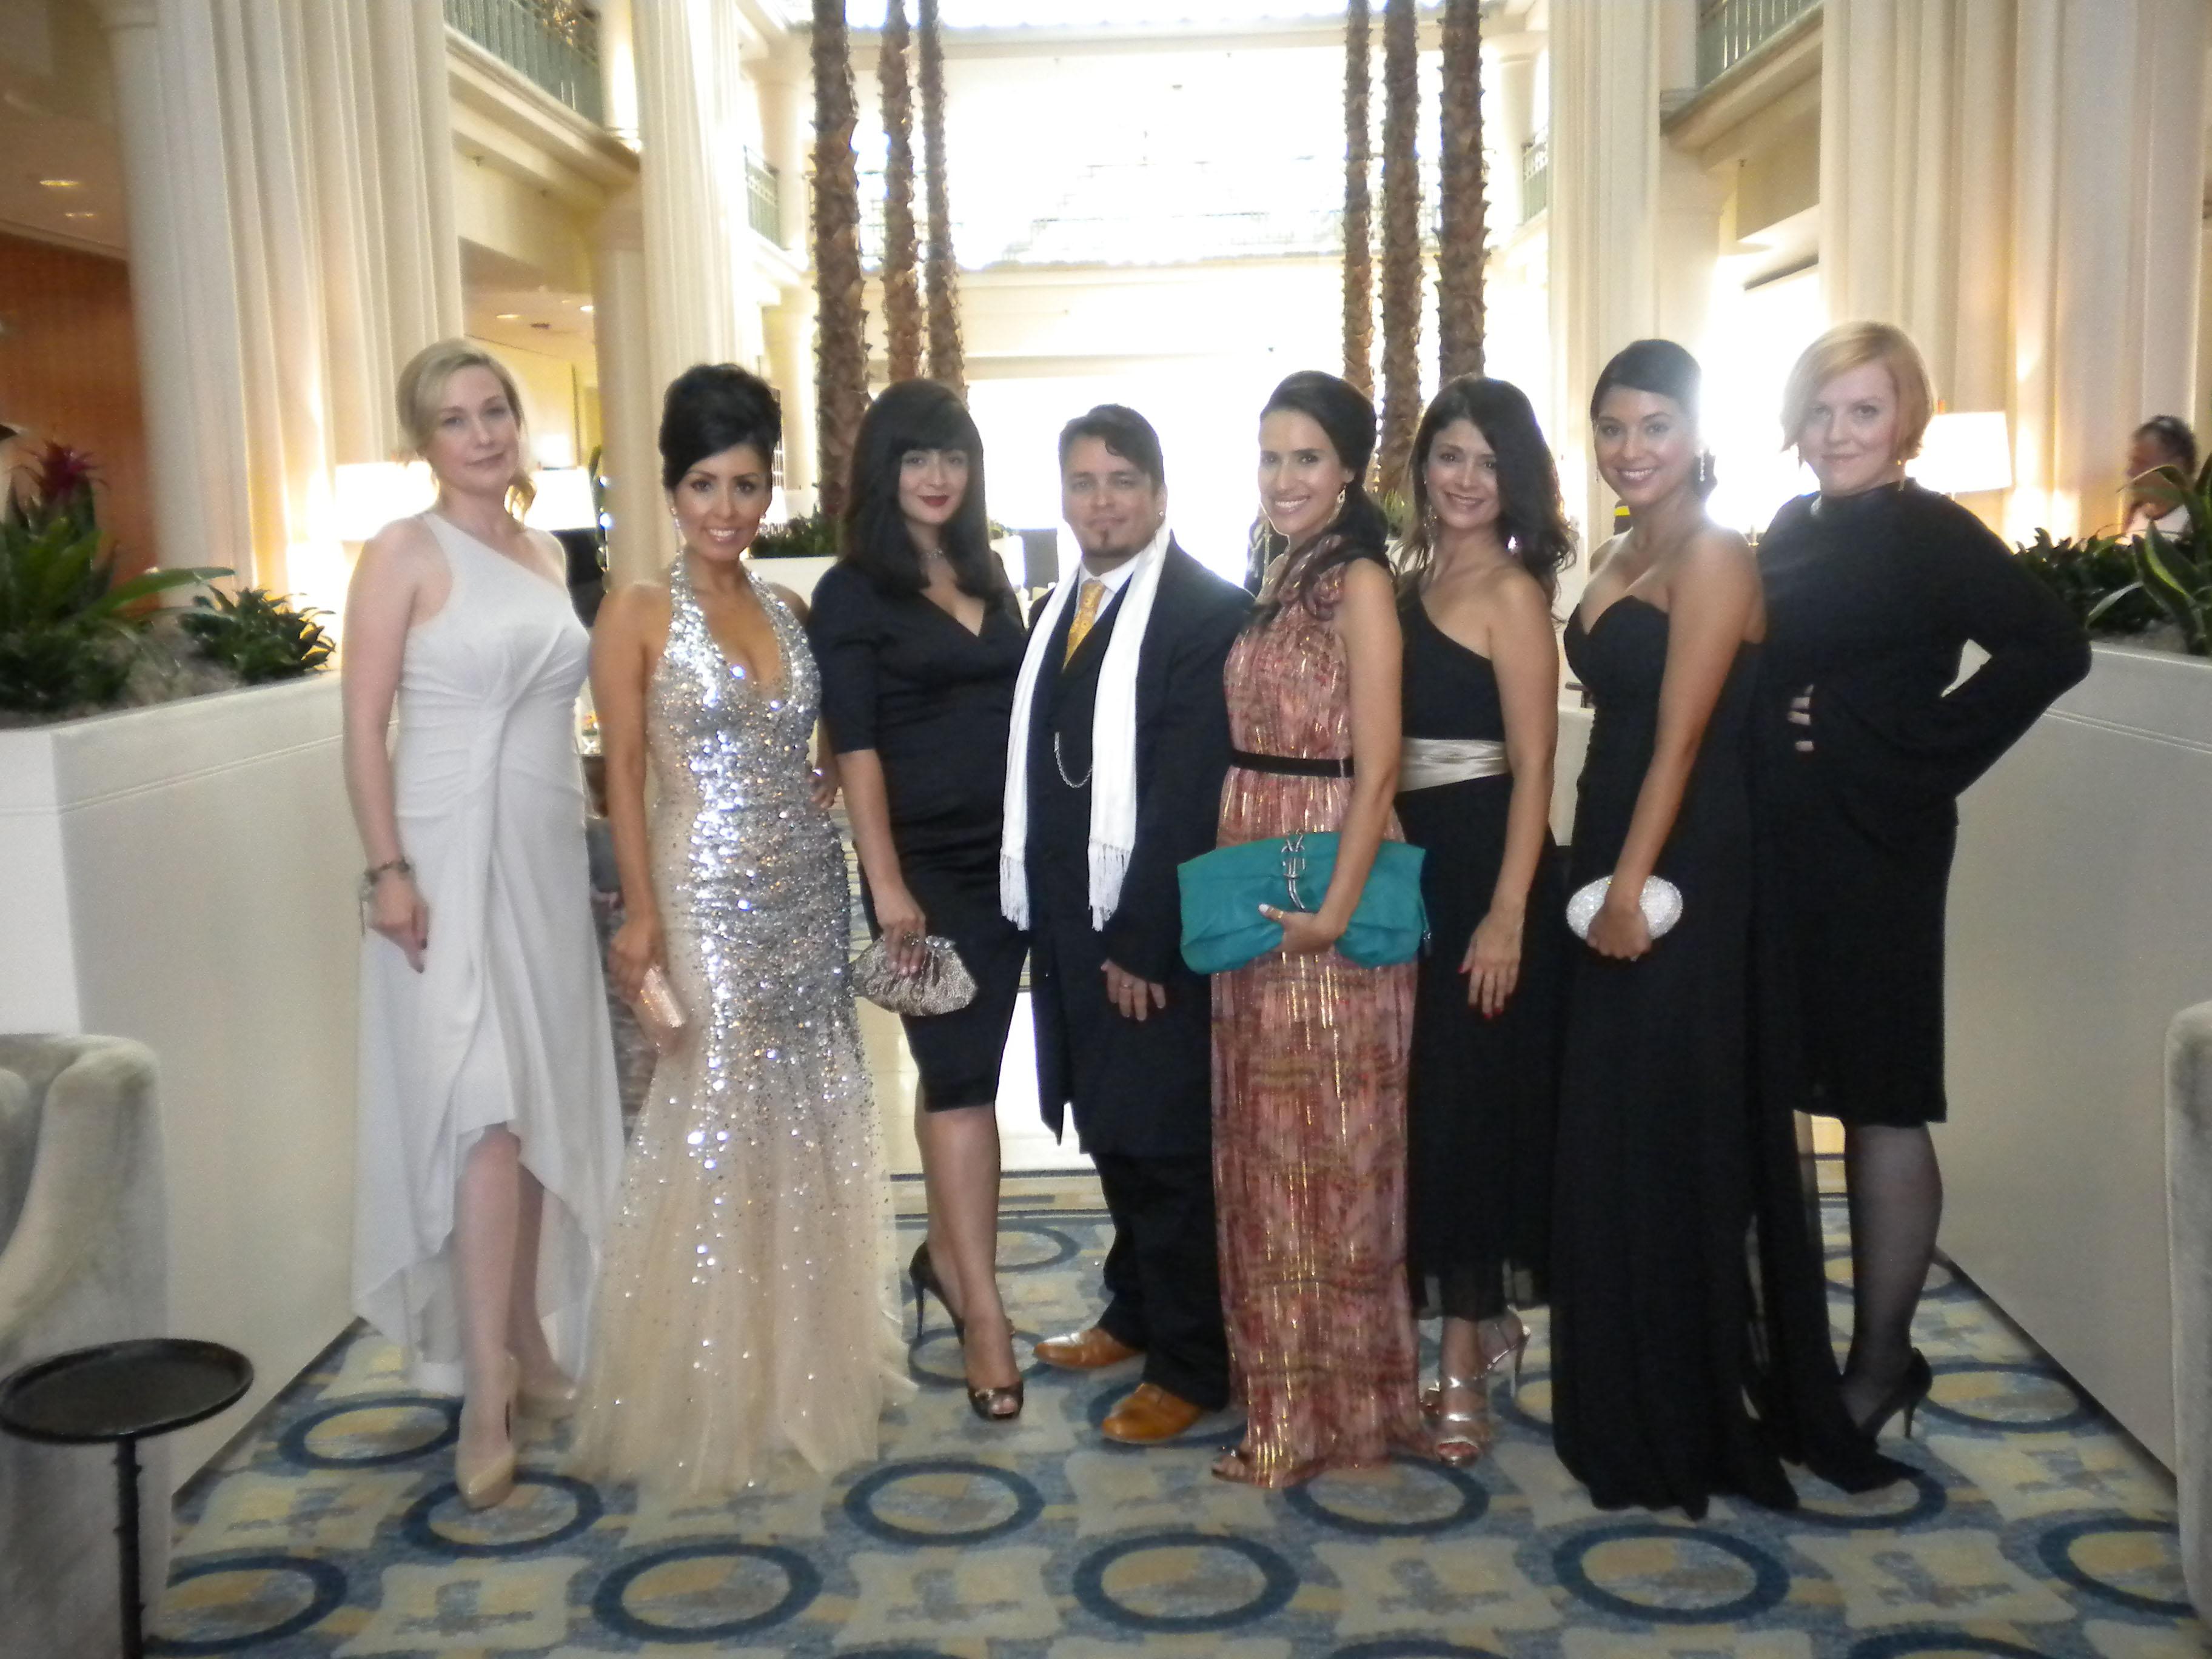 nclr alma awards artistry amway nbc